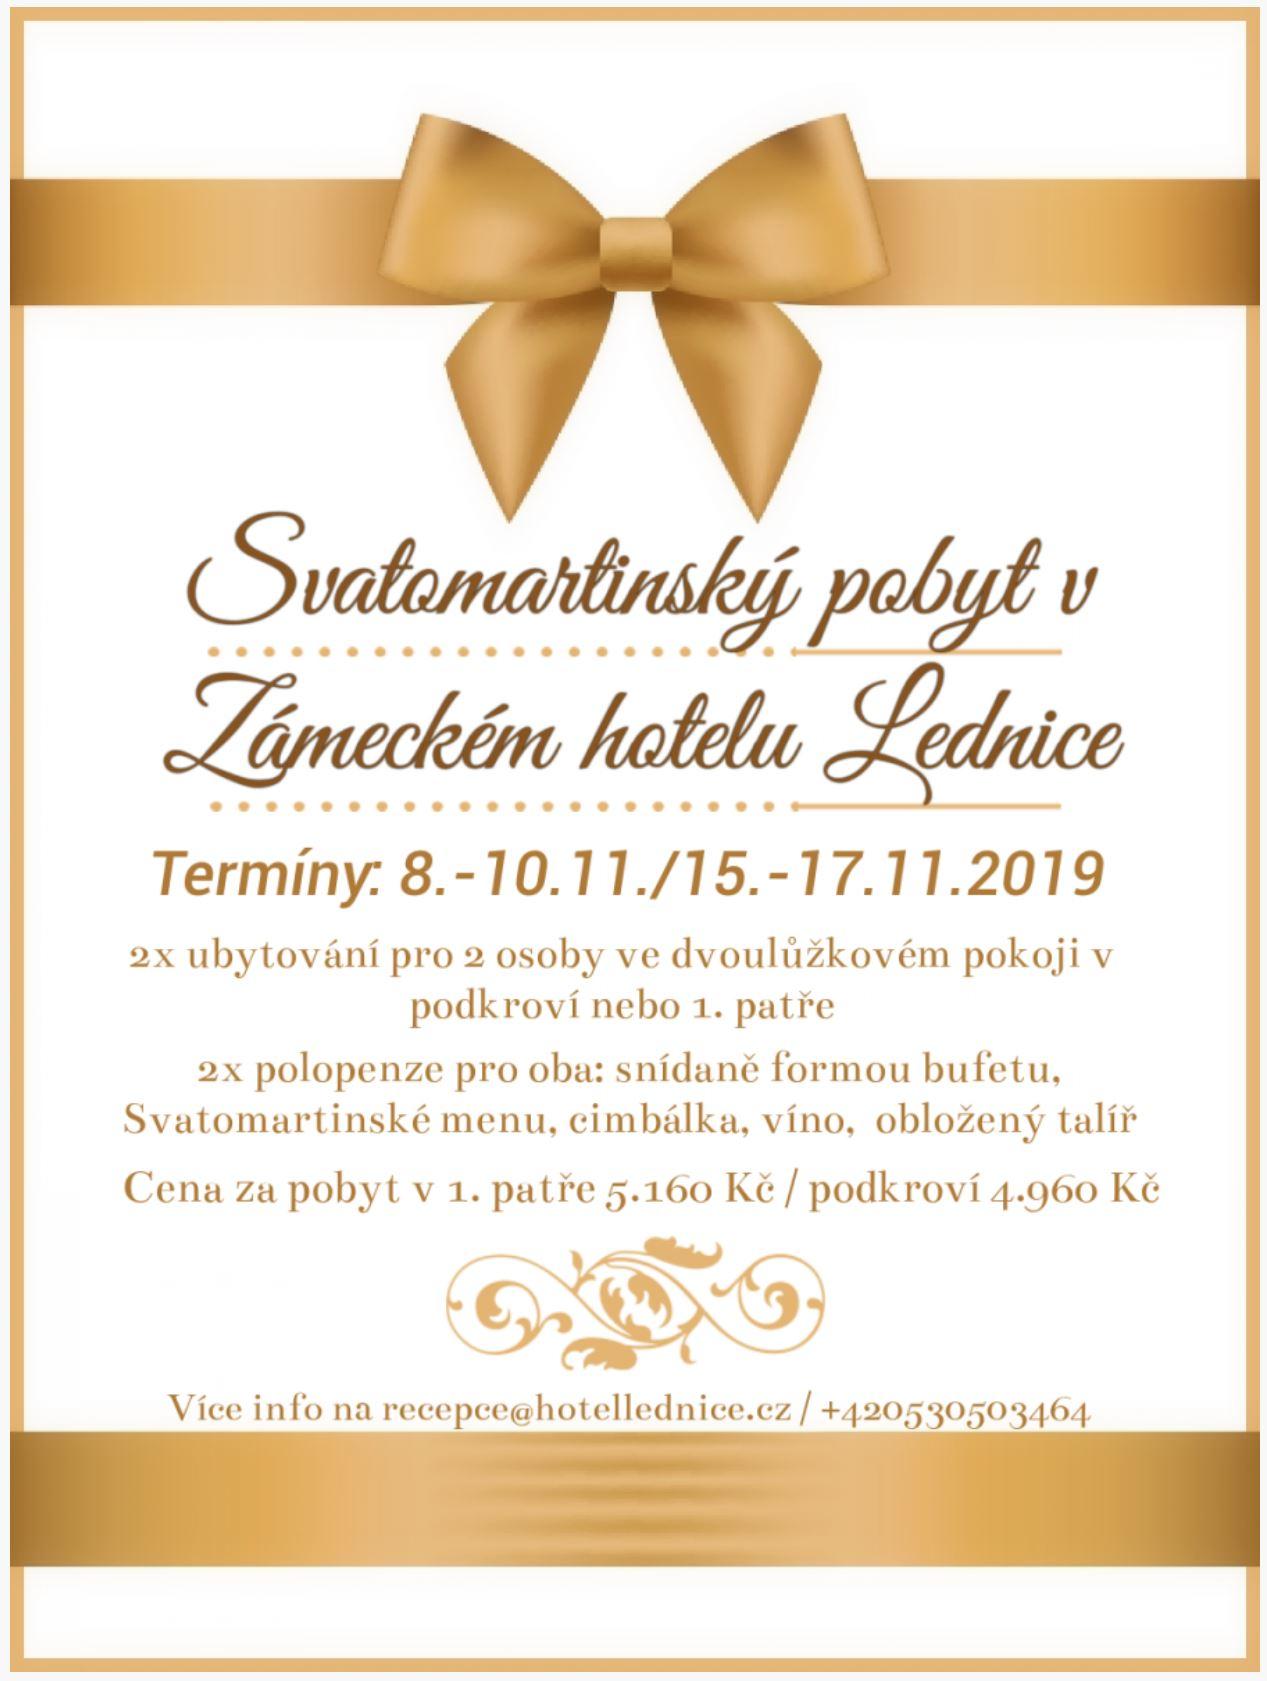 Svatomartinský pobyt 2019 -Zámecký hotel Lednice